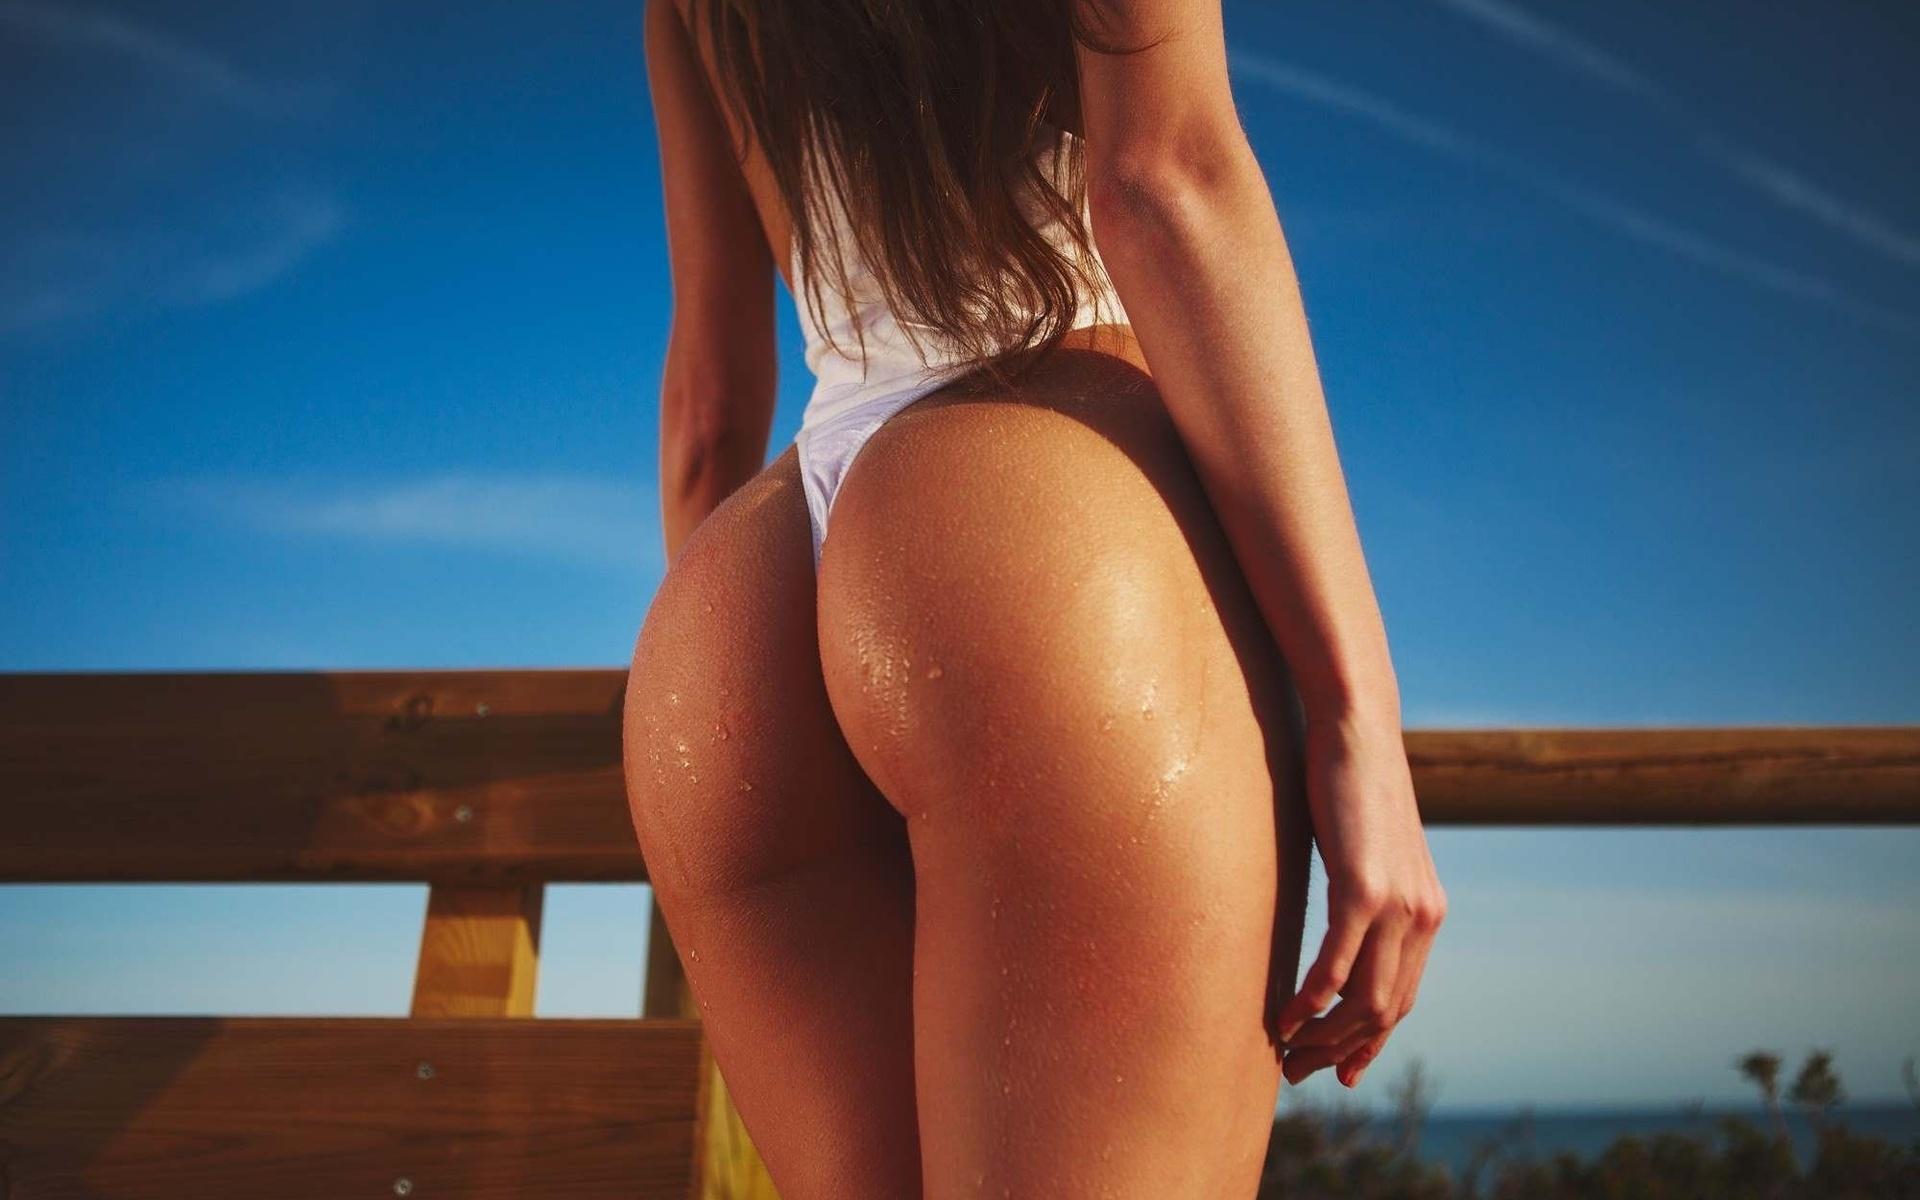 смотреть фото красивые попки моделей просьба перечислять